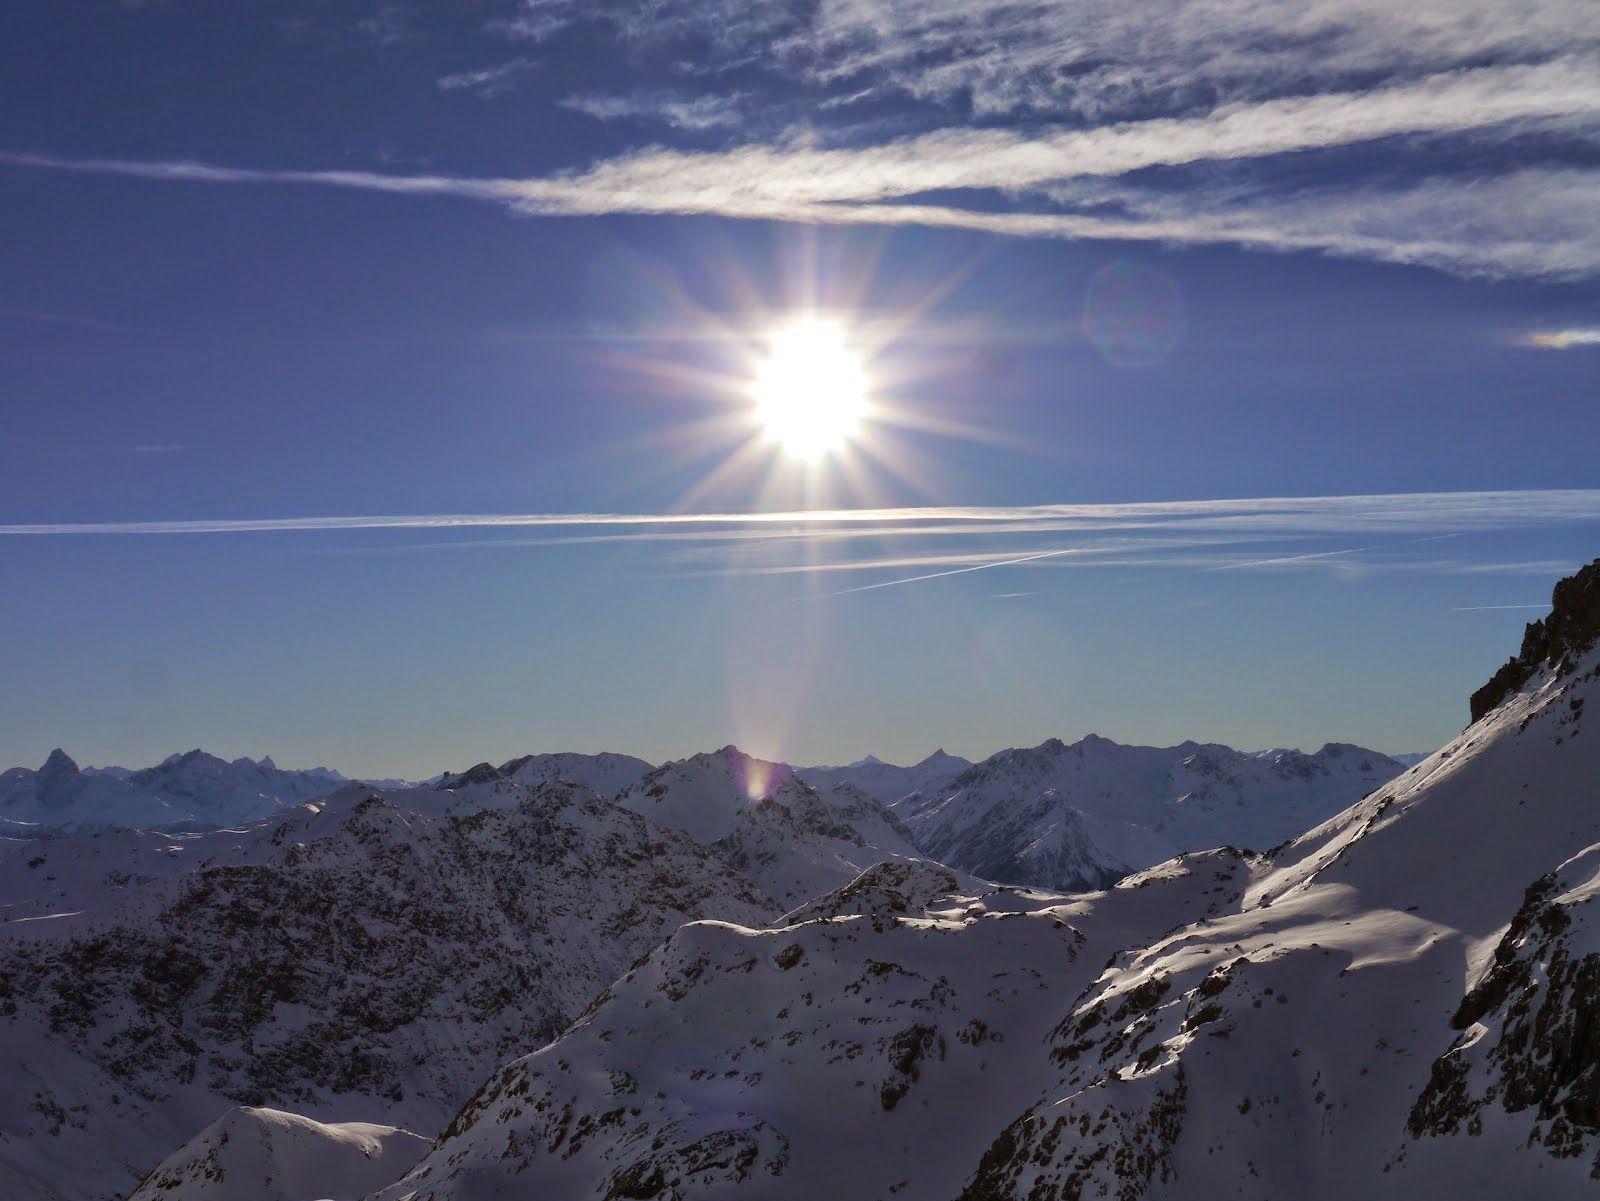 خلفية الاسبوع اشعة الشمس مع الثلوج رقم 13 مداد الجليد Natural Landmarks Landmarks Background